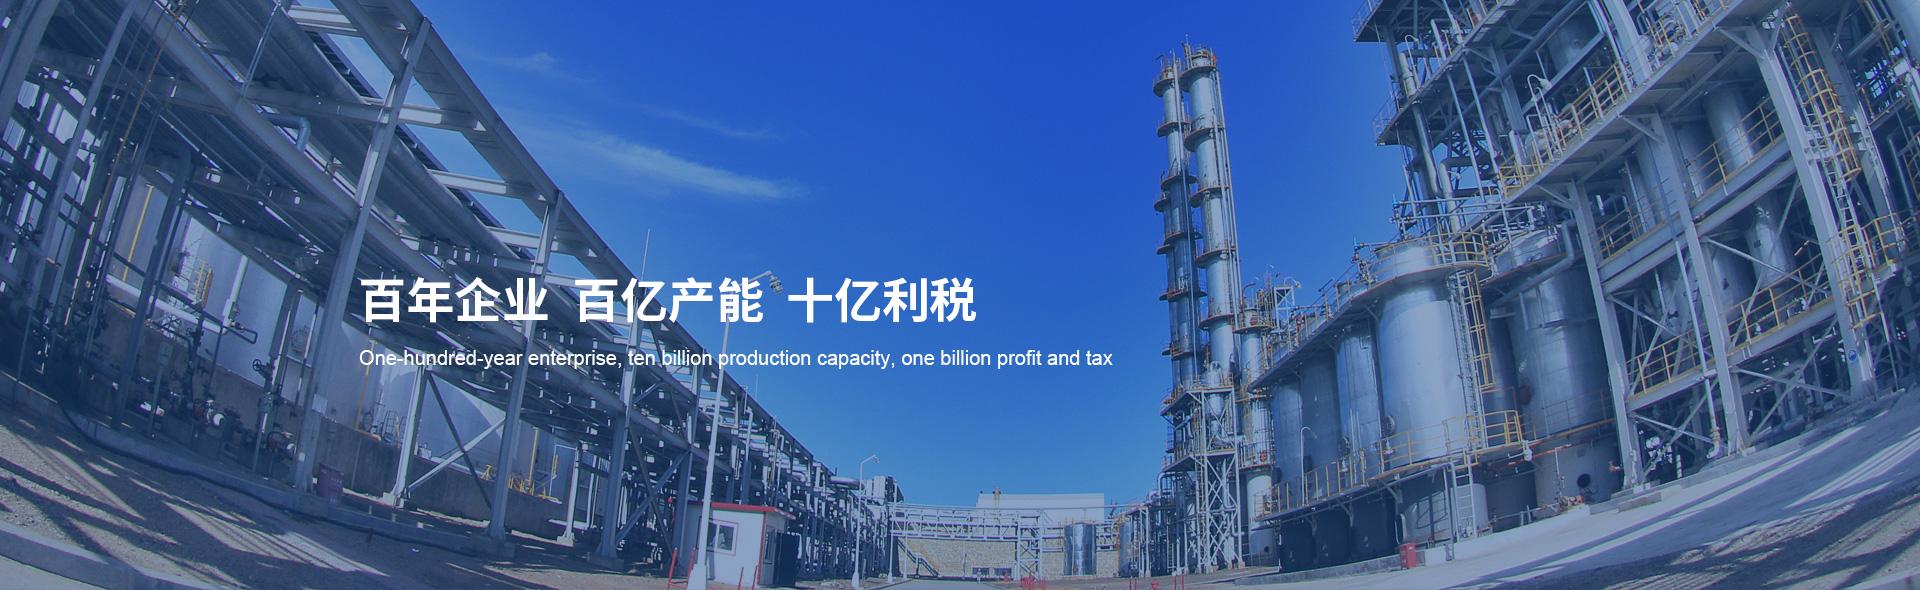 百年企业? 百亿产能? 十亿利税